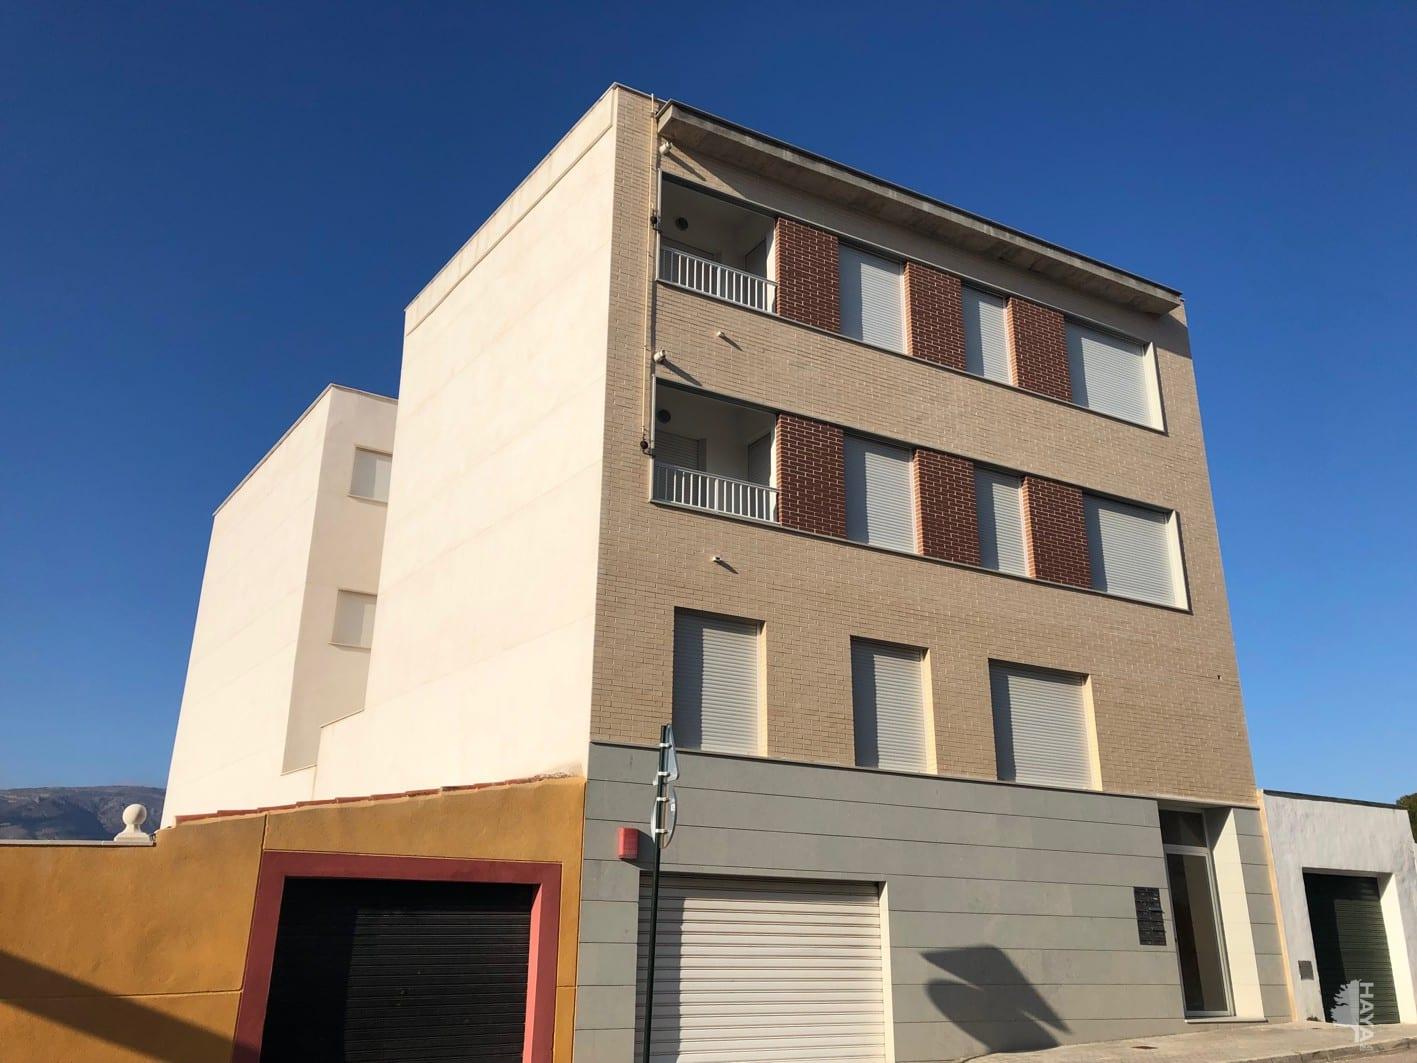 Piso en venta en Viaducte, Alcoy/alcoi, Alicante, Calle Sant Joan de Ribera, 70.000 €, 2 habitaciones, 1 baño, 89 m2